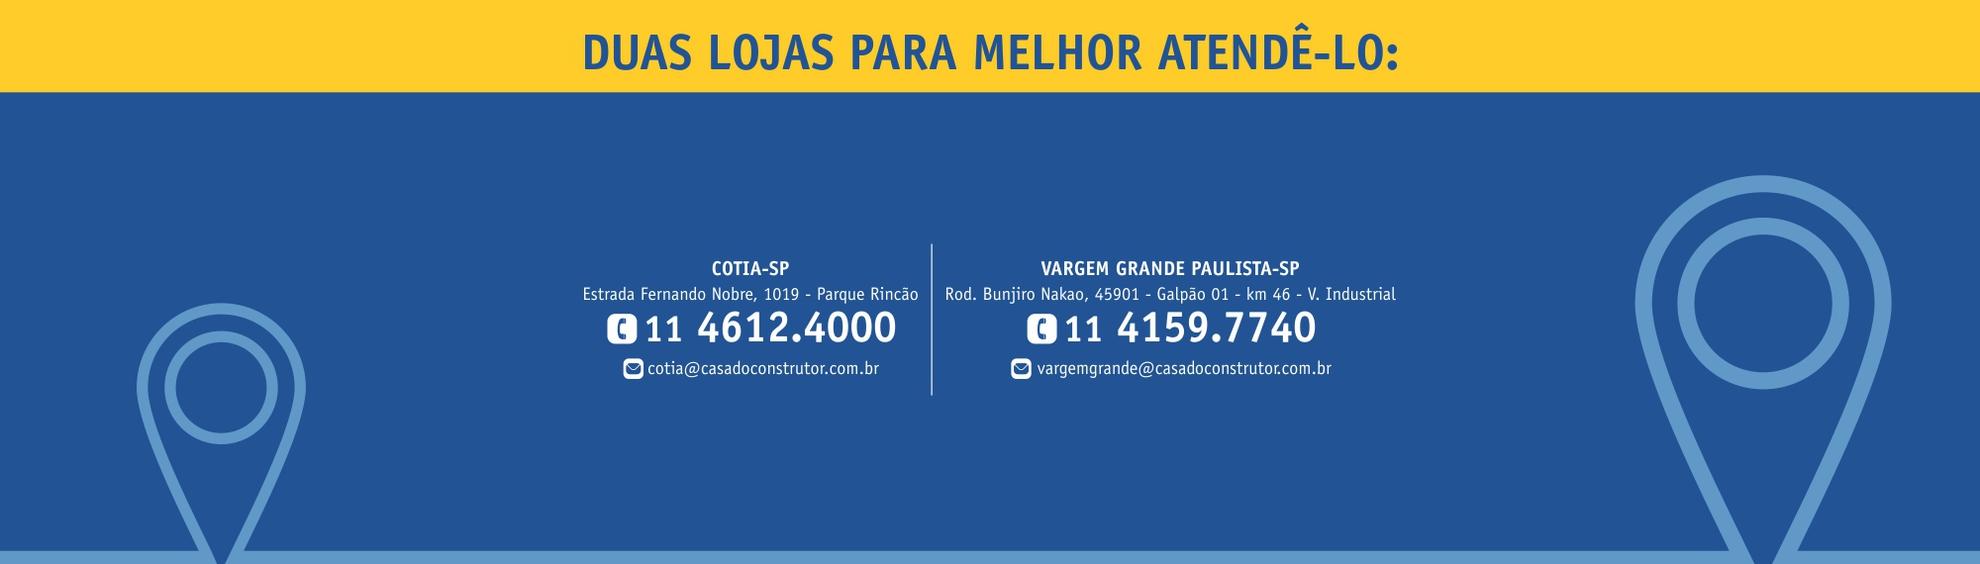 Cotia e Vargem Grande Paulista